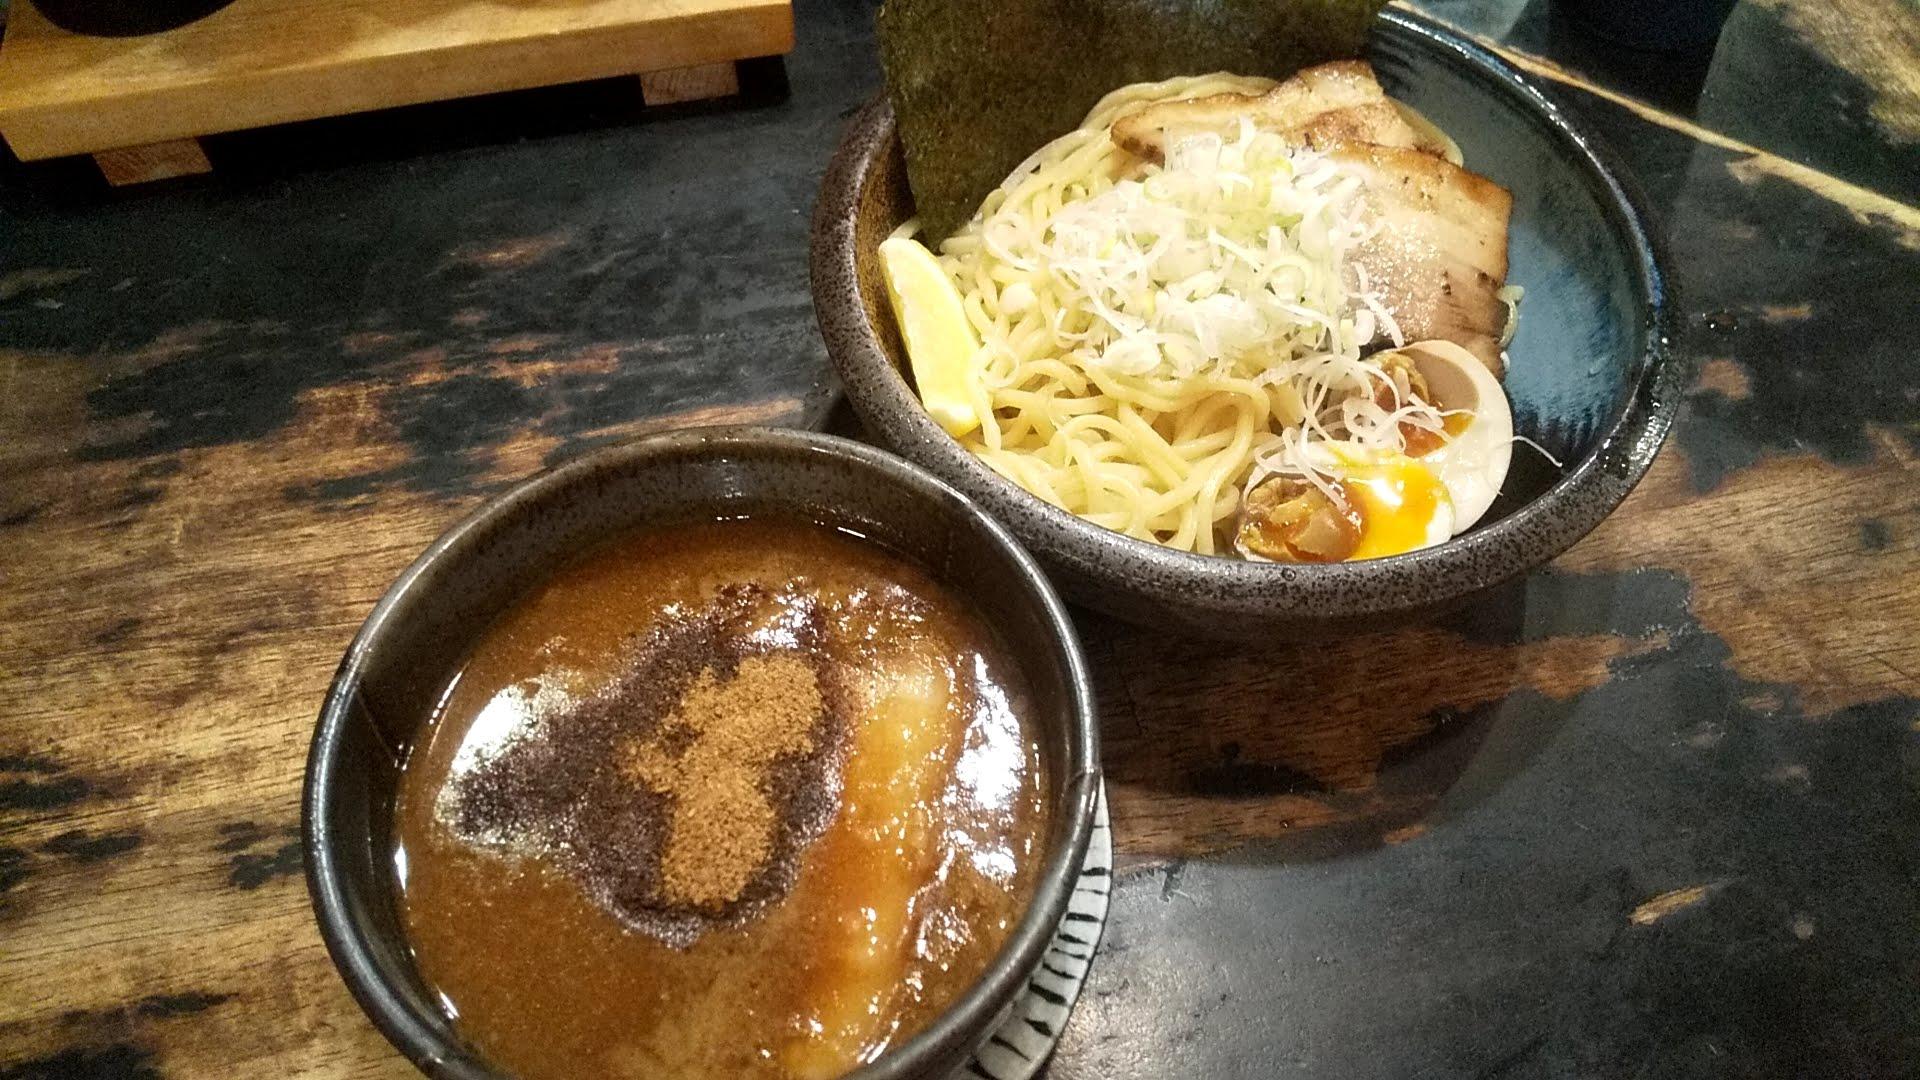 戸みら伊本舗の特製つけ麺